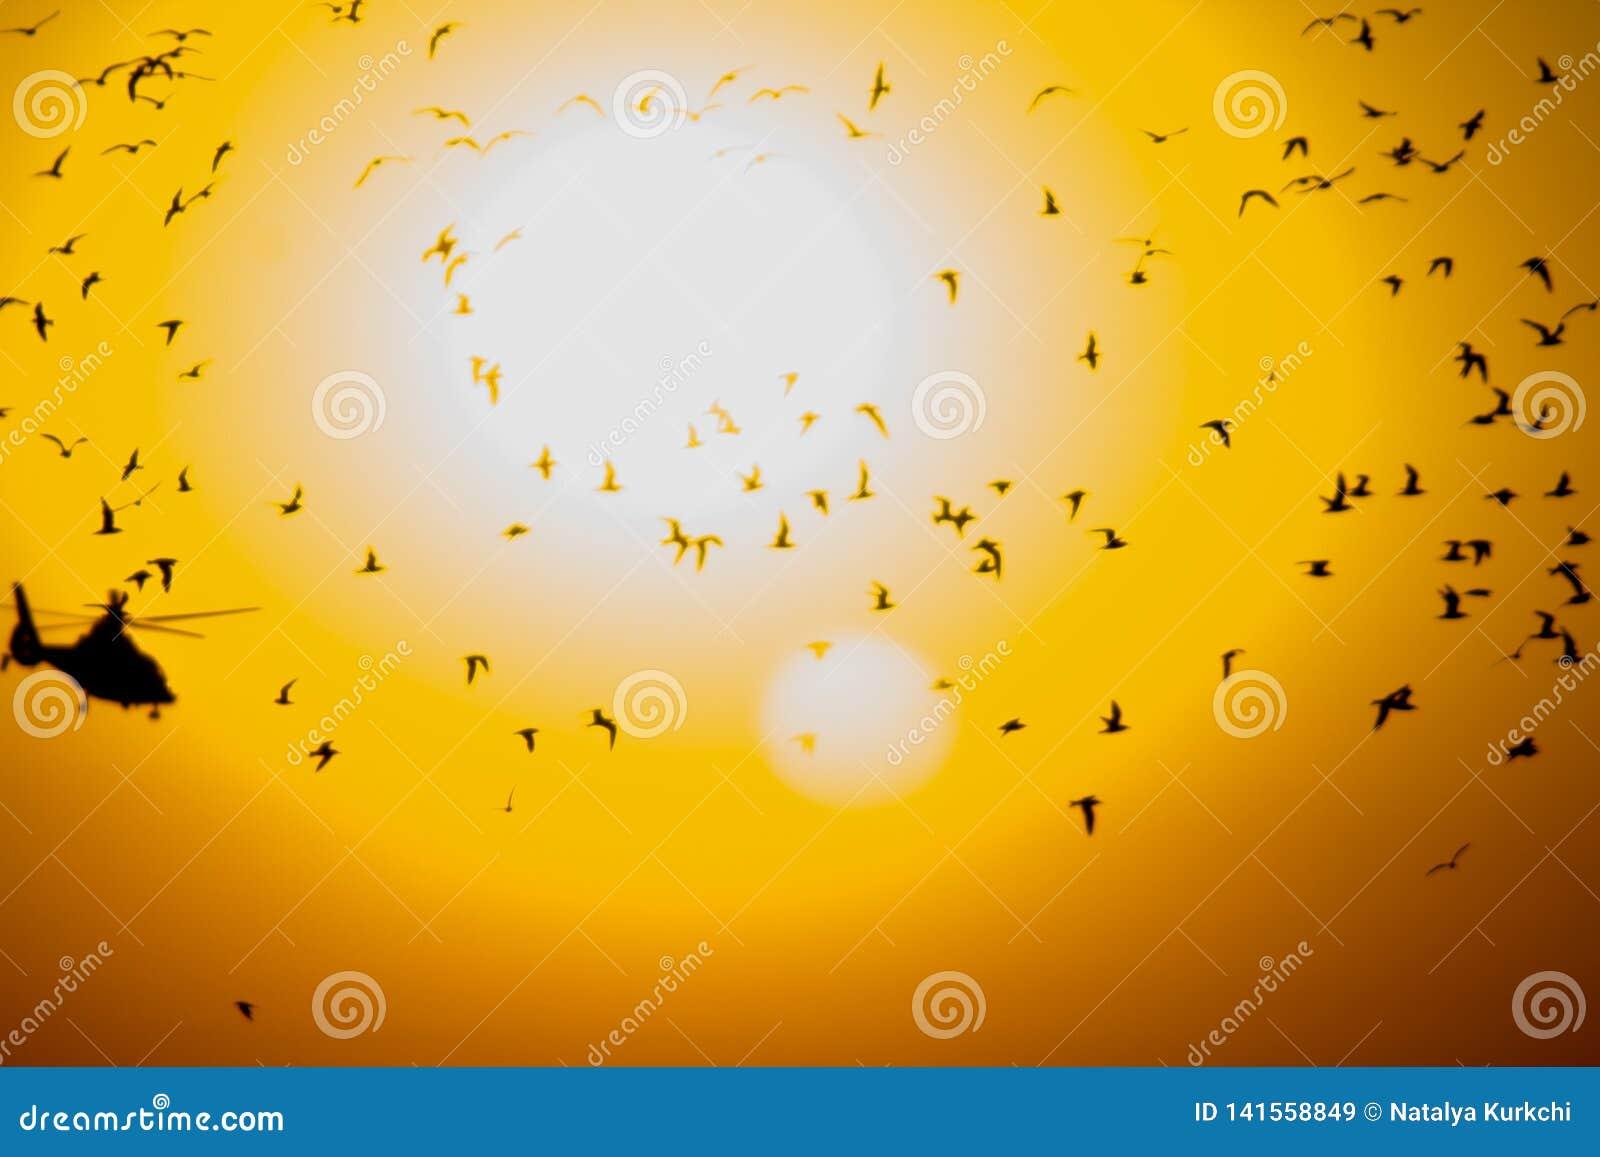 鸟和一架直升机的了不起的数字以太阳为背景